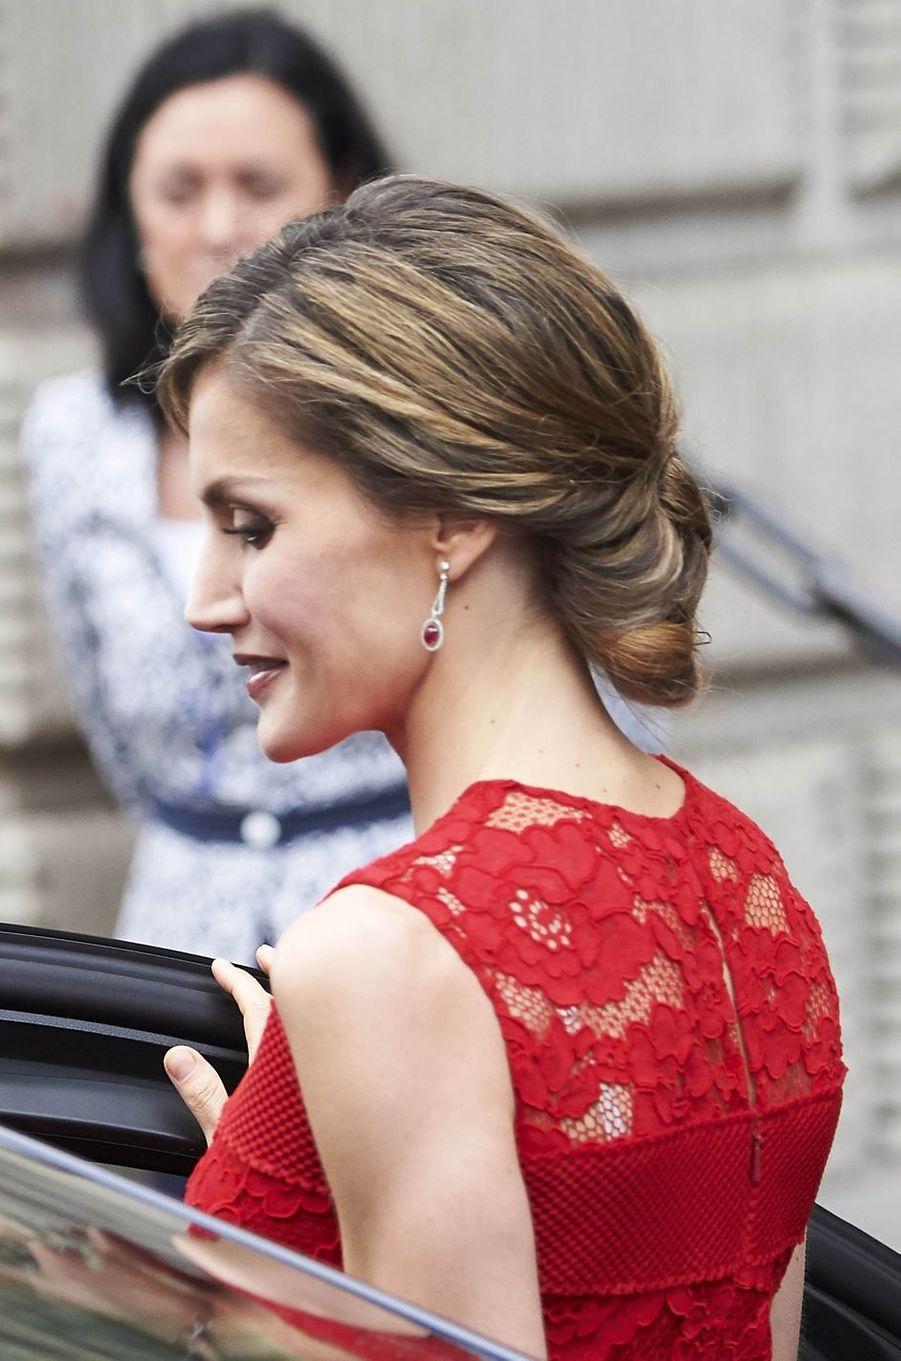 Le chignon et les boucles d'oreille de la reine Letizia d'Espagne à Madrid, le 28 juin 2017